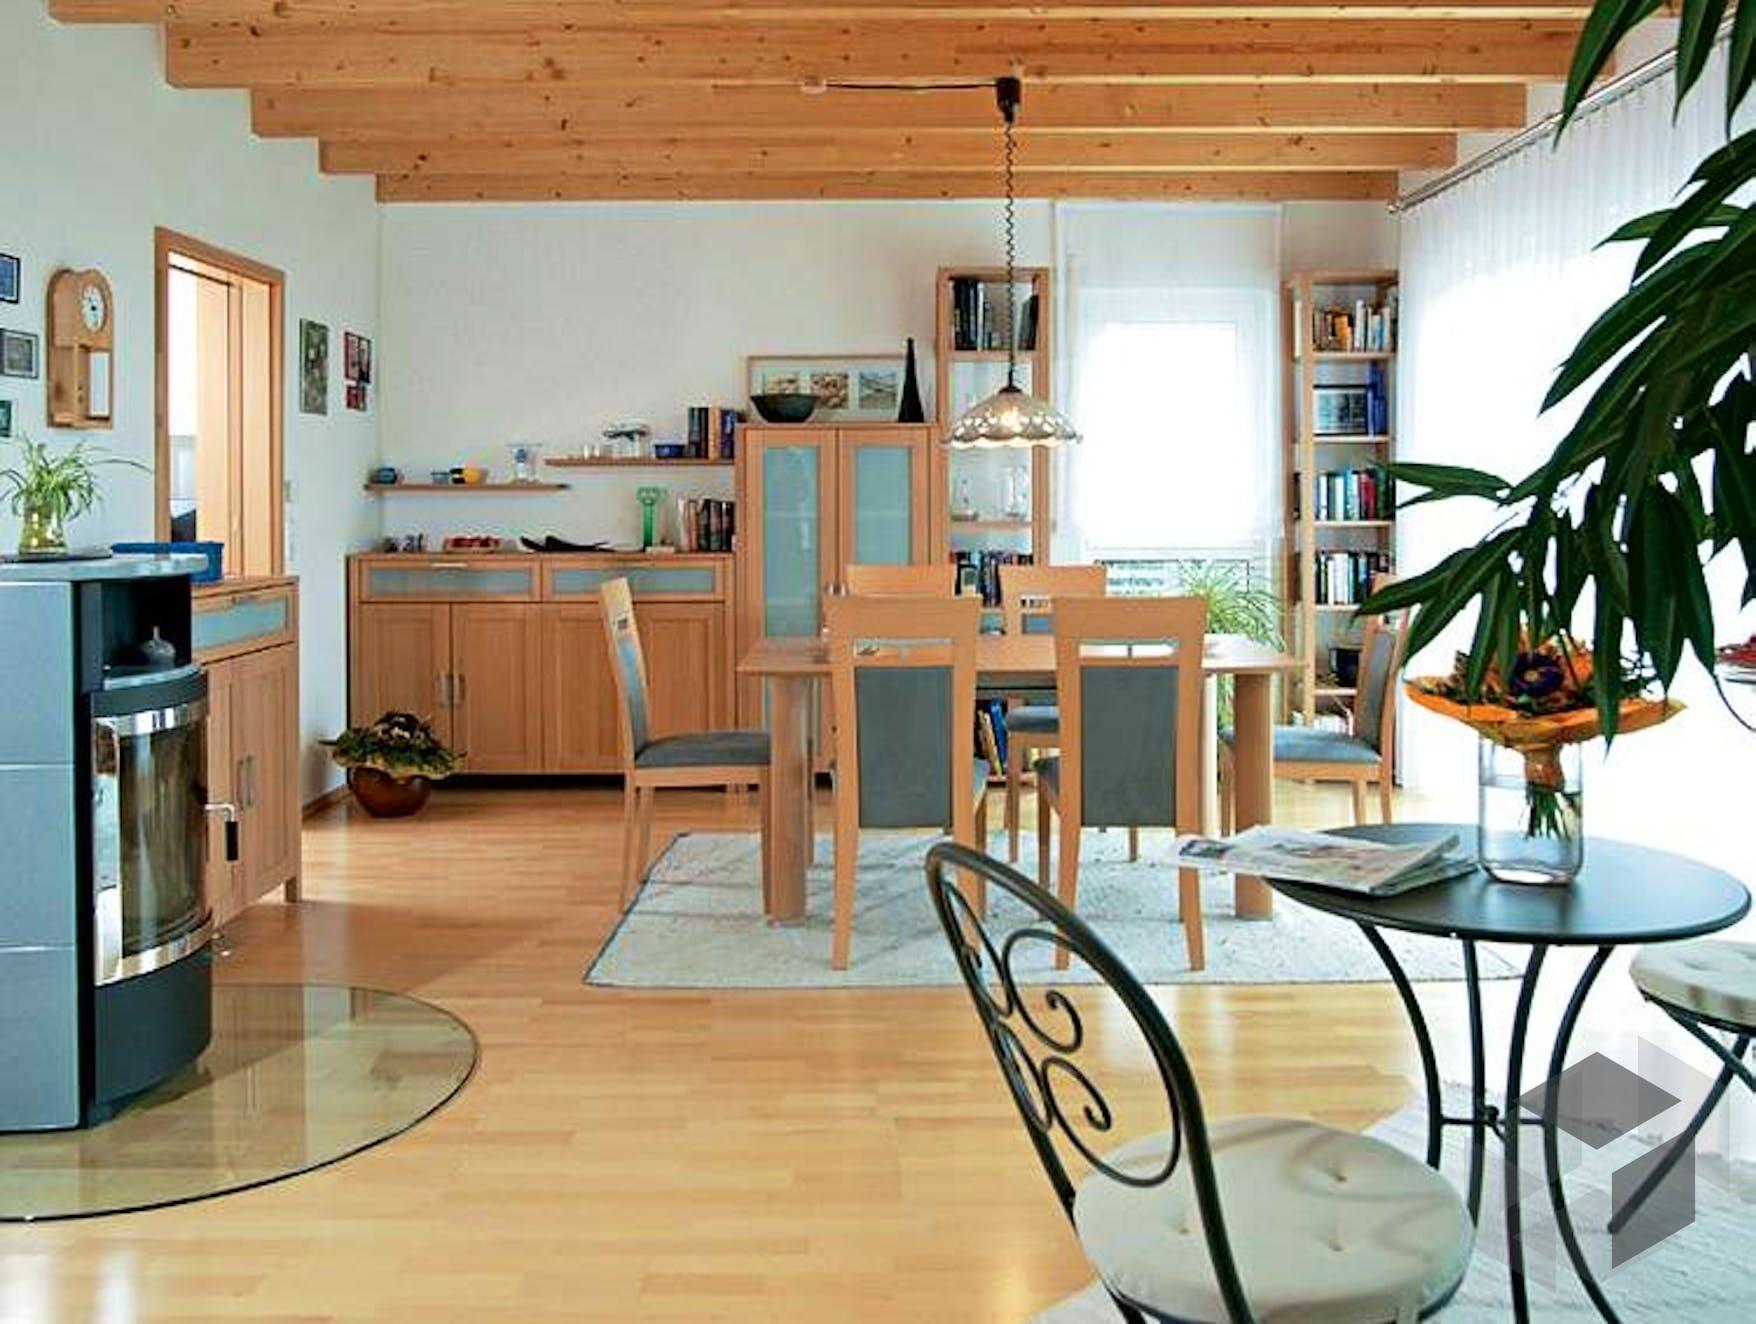 schw bisch hall von keitel haus pultdach. Black Bedroom Furniture Sets. Home Design Ideas